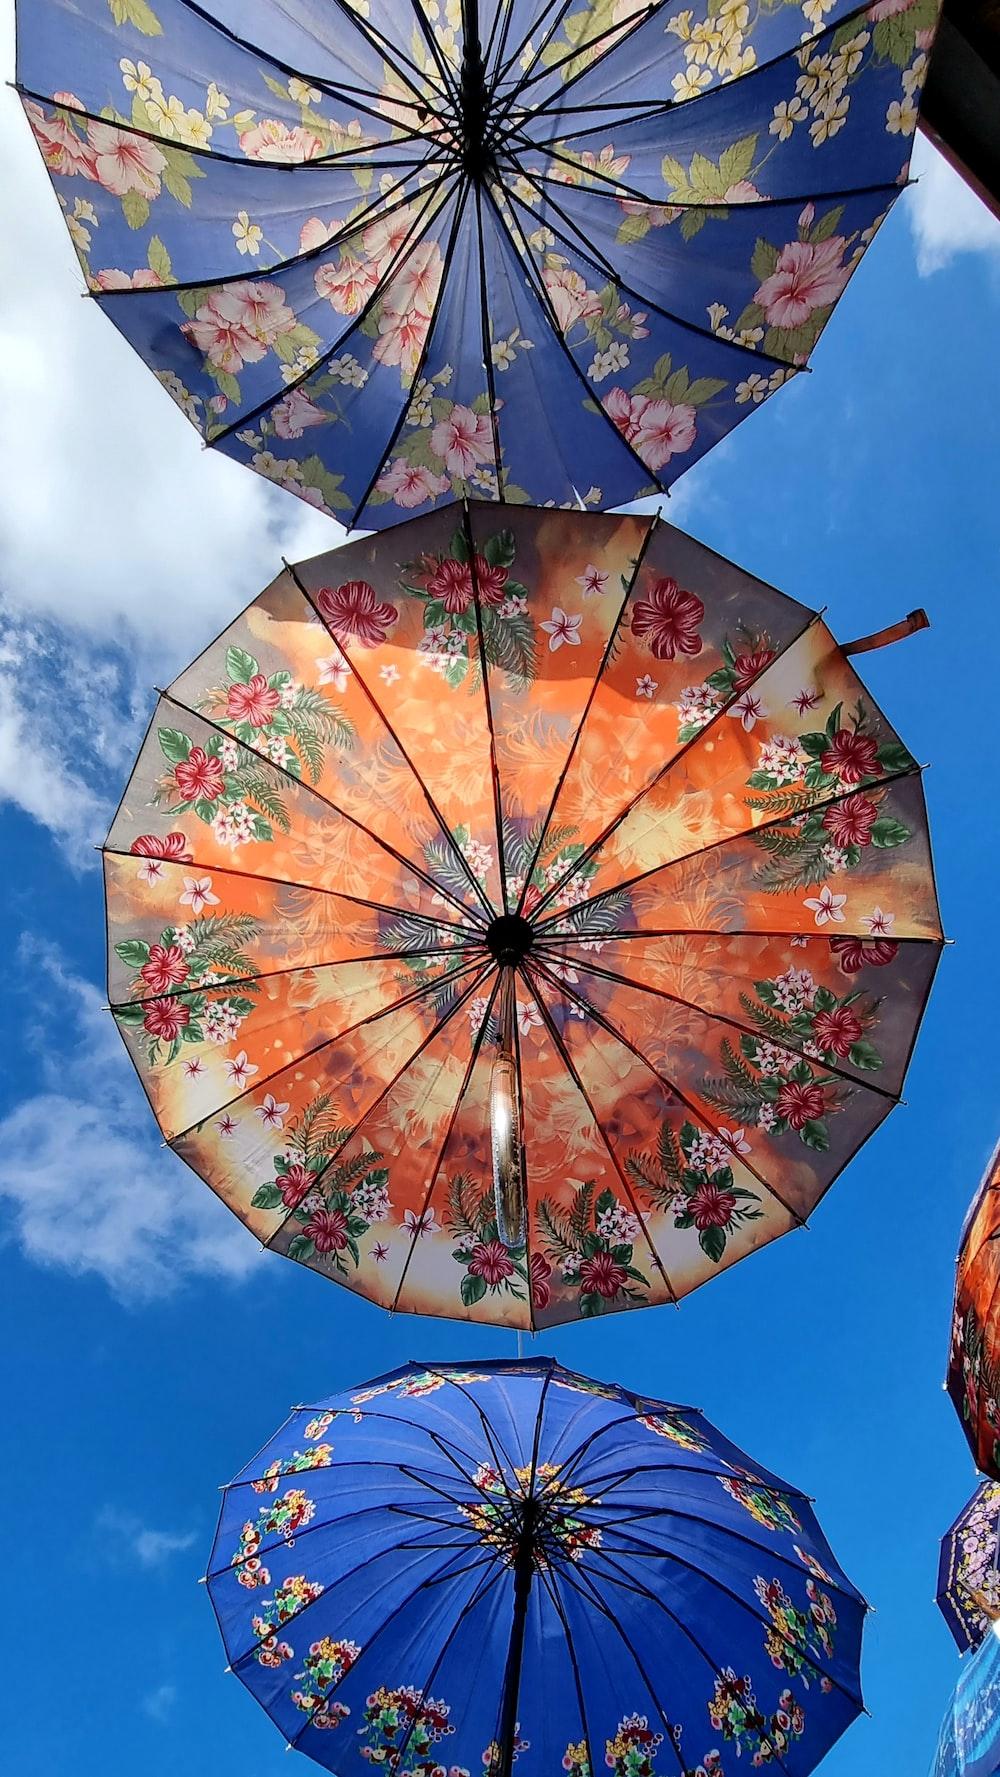 orange and red floral umbrella under blue sky